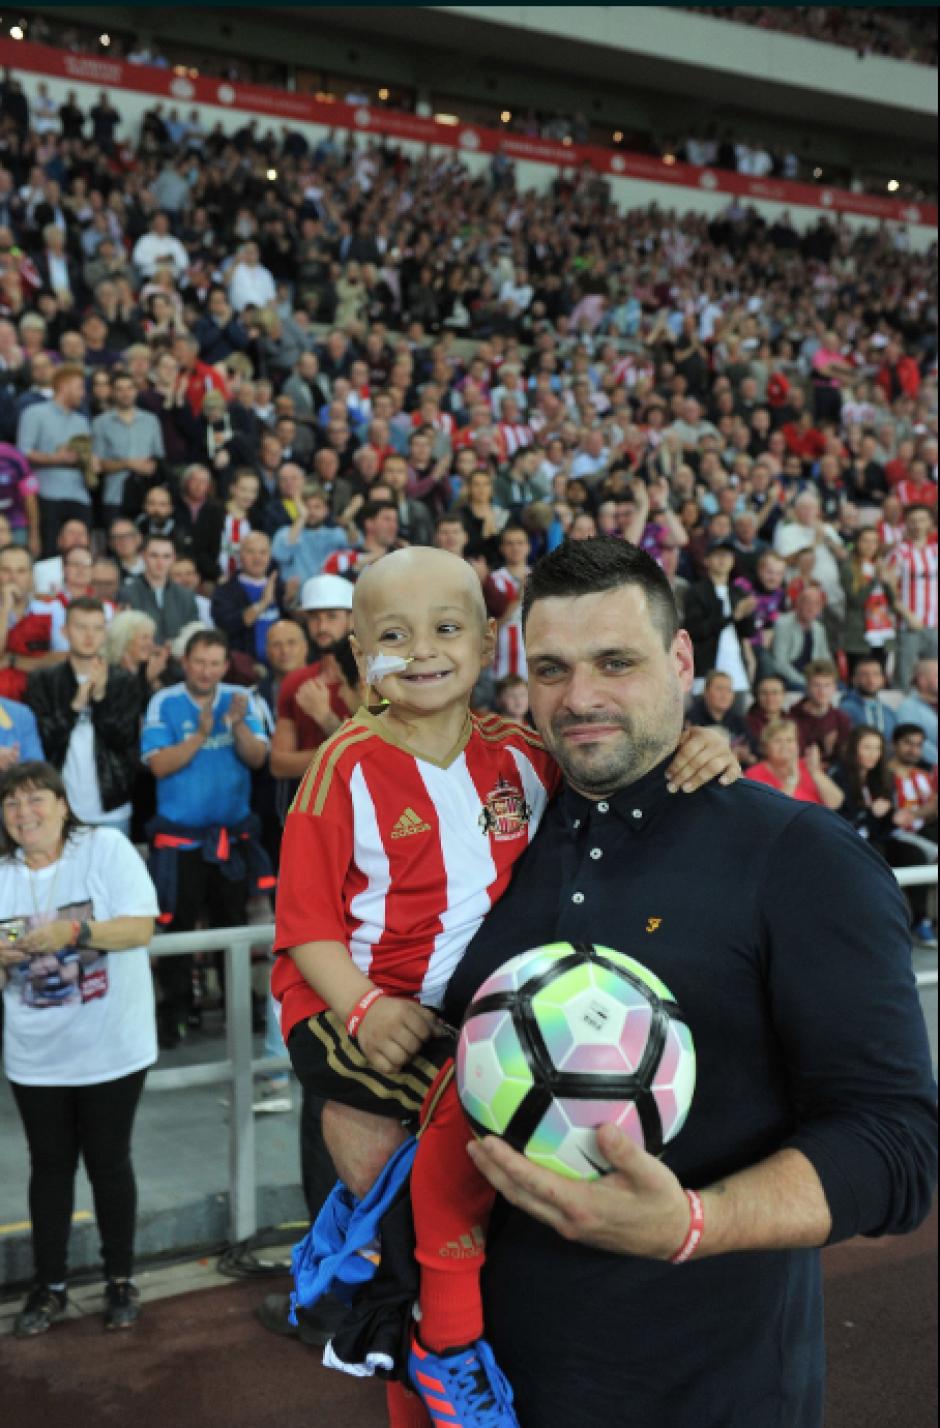 Bradley con su padre, durante el partido. (Foto: Twitter)